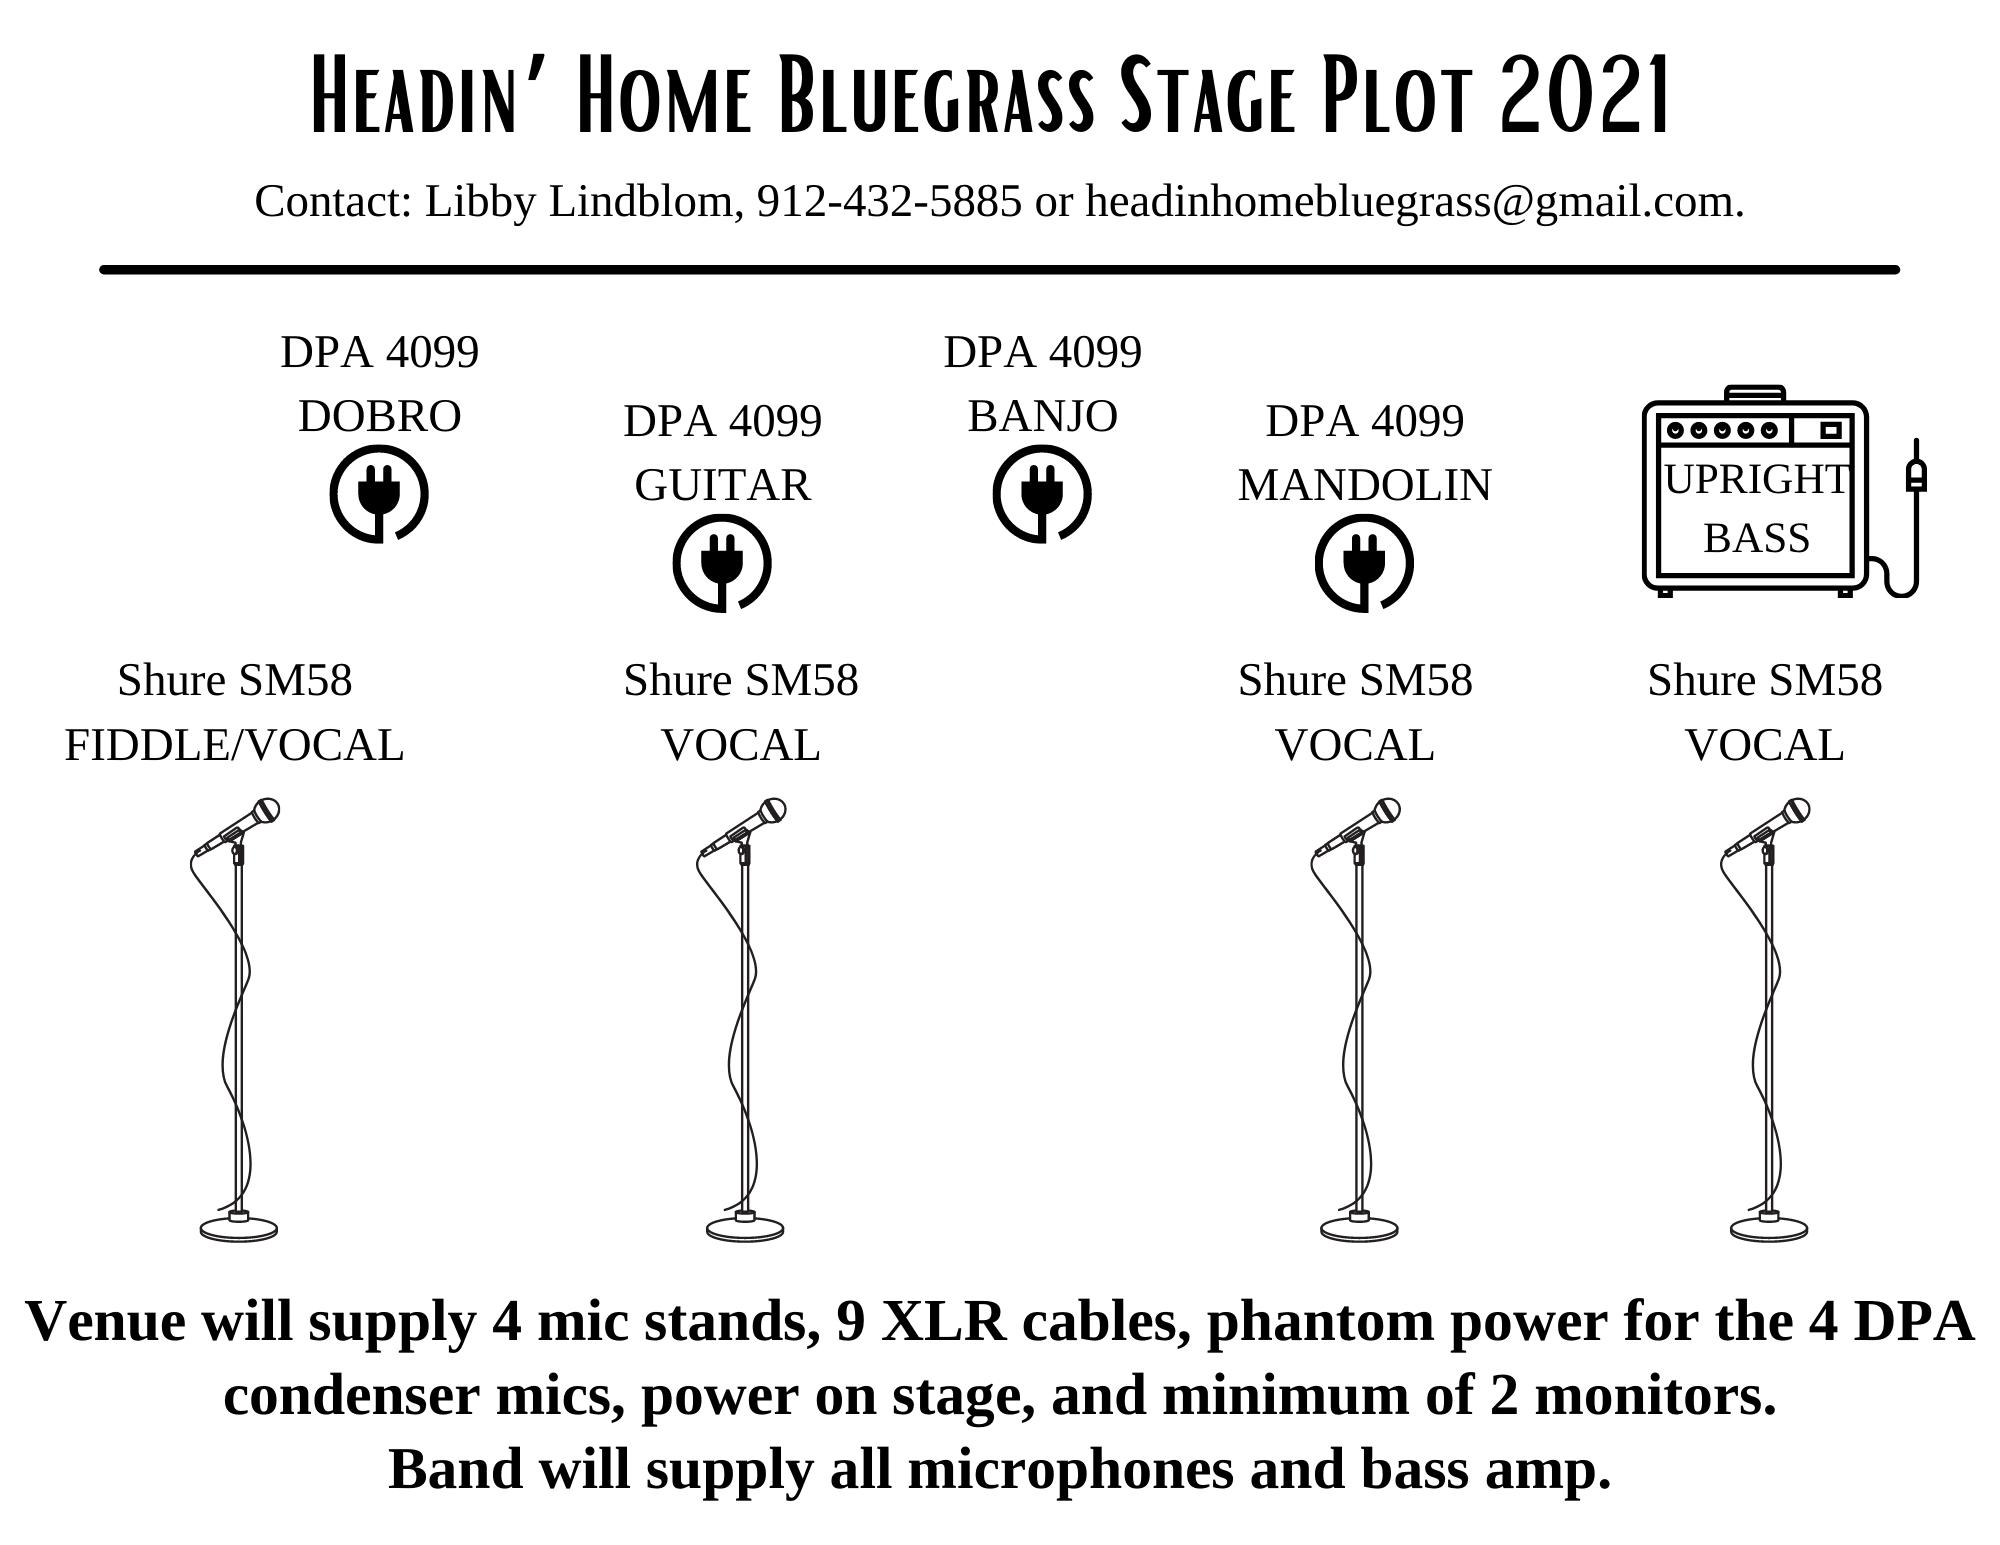 Headin' Home Bluegrass Stage Plot